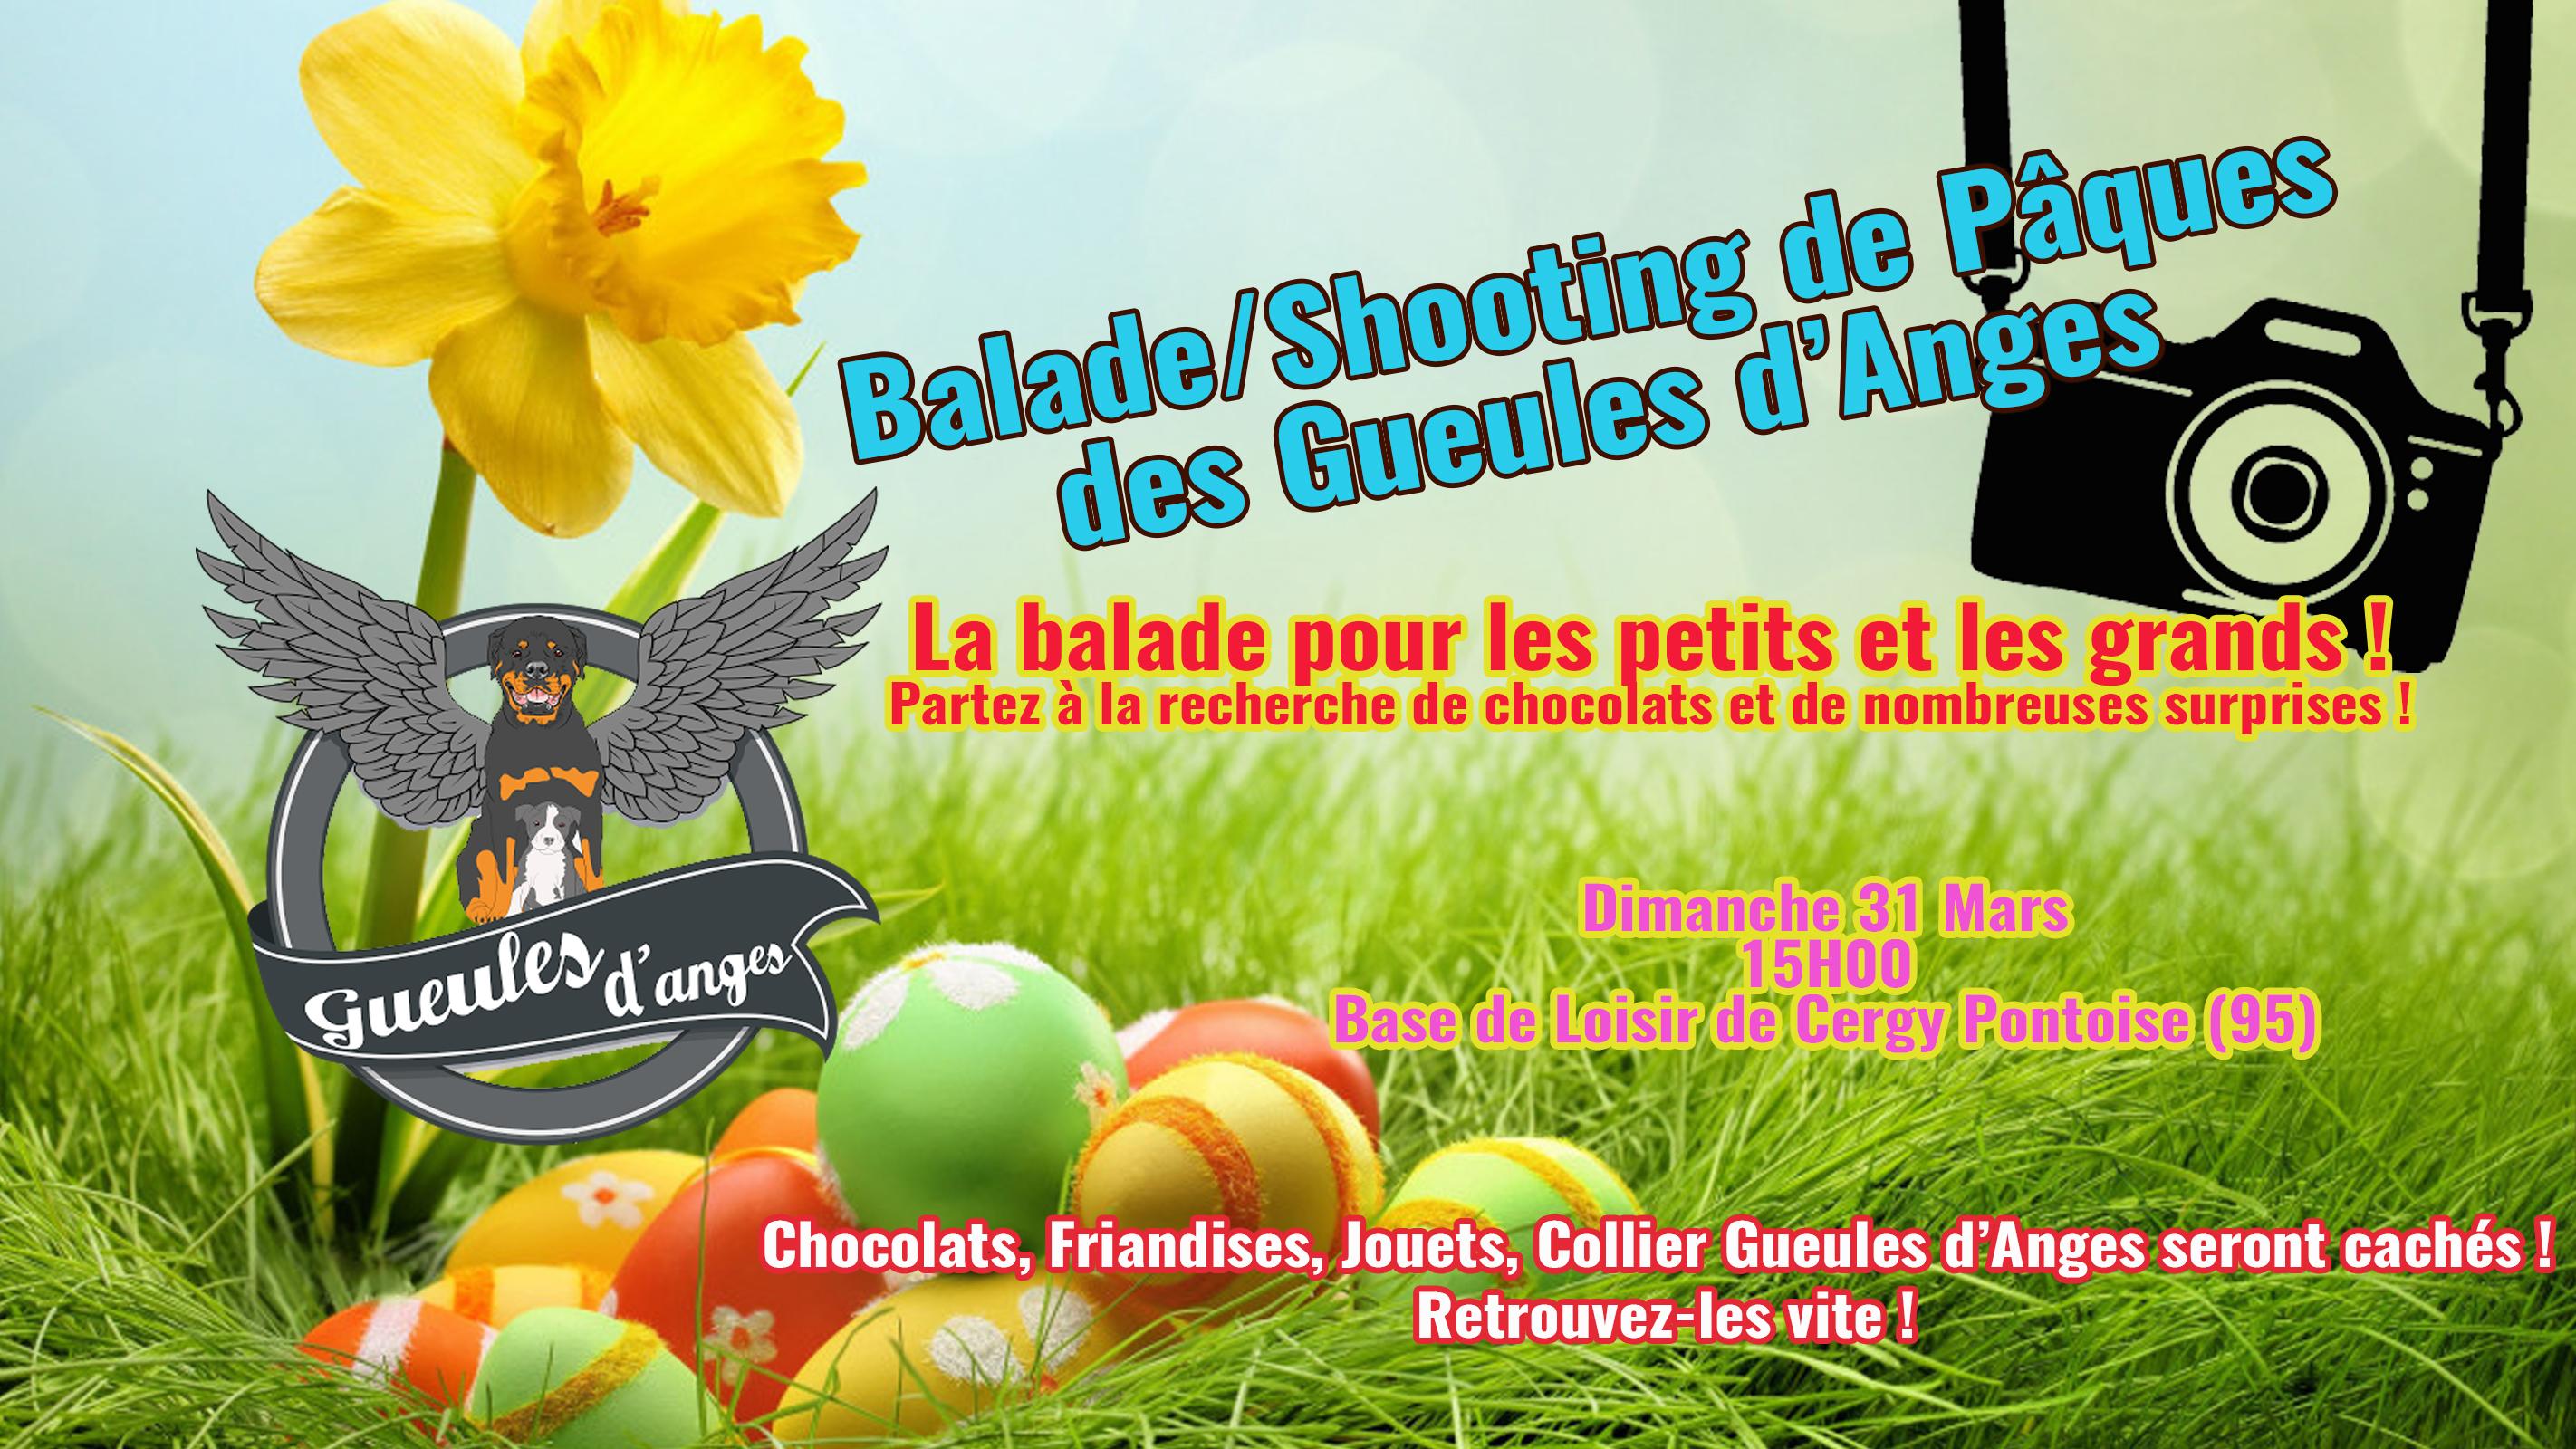 Balade/Shooting de Pâques